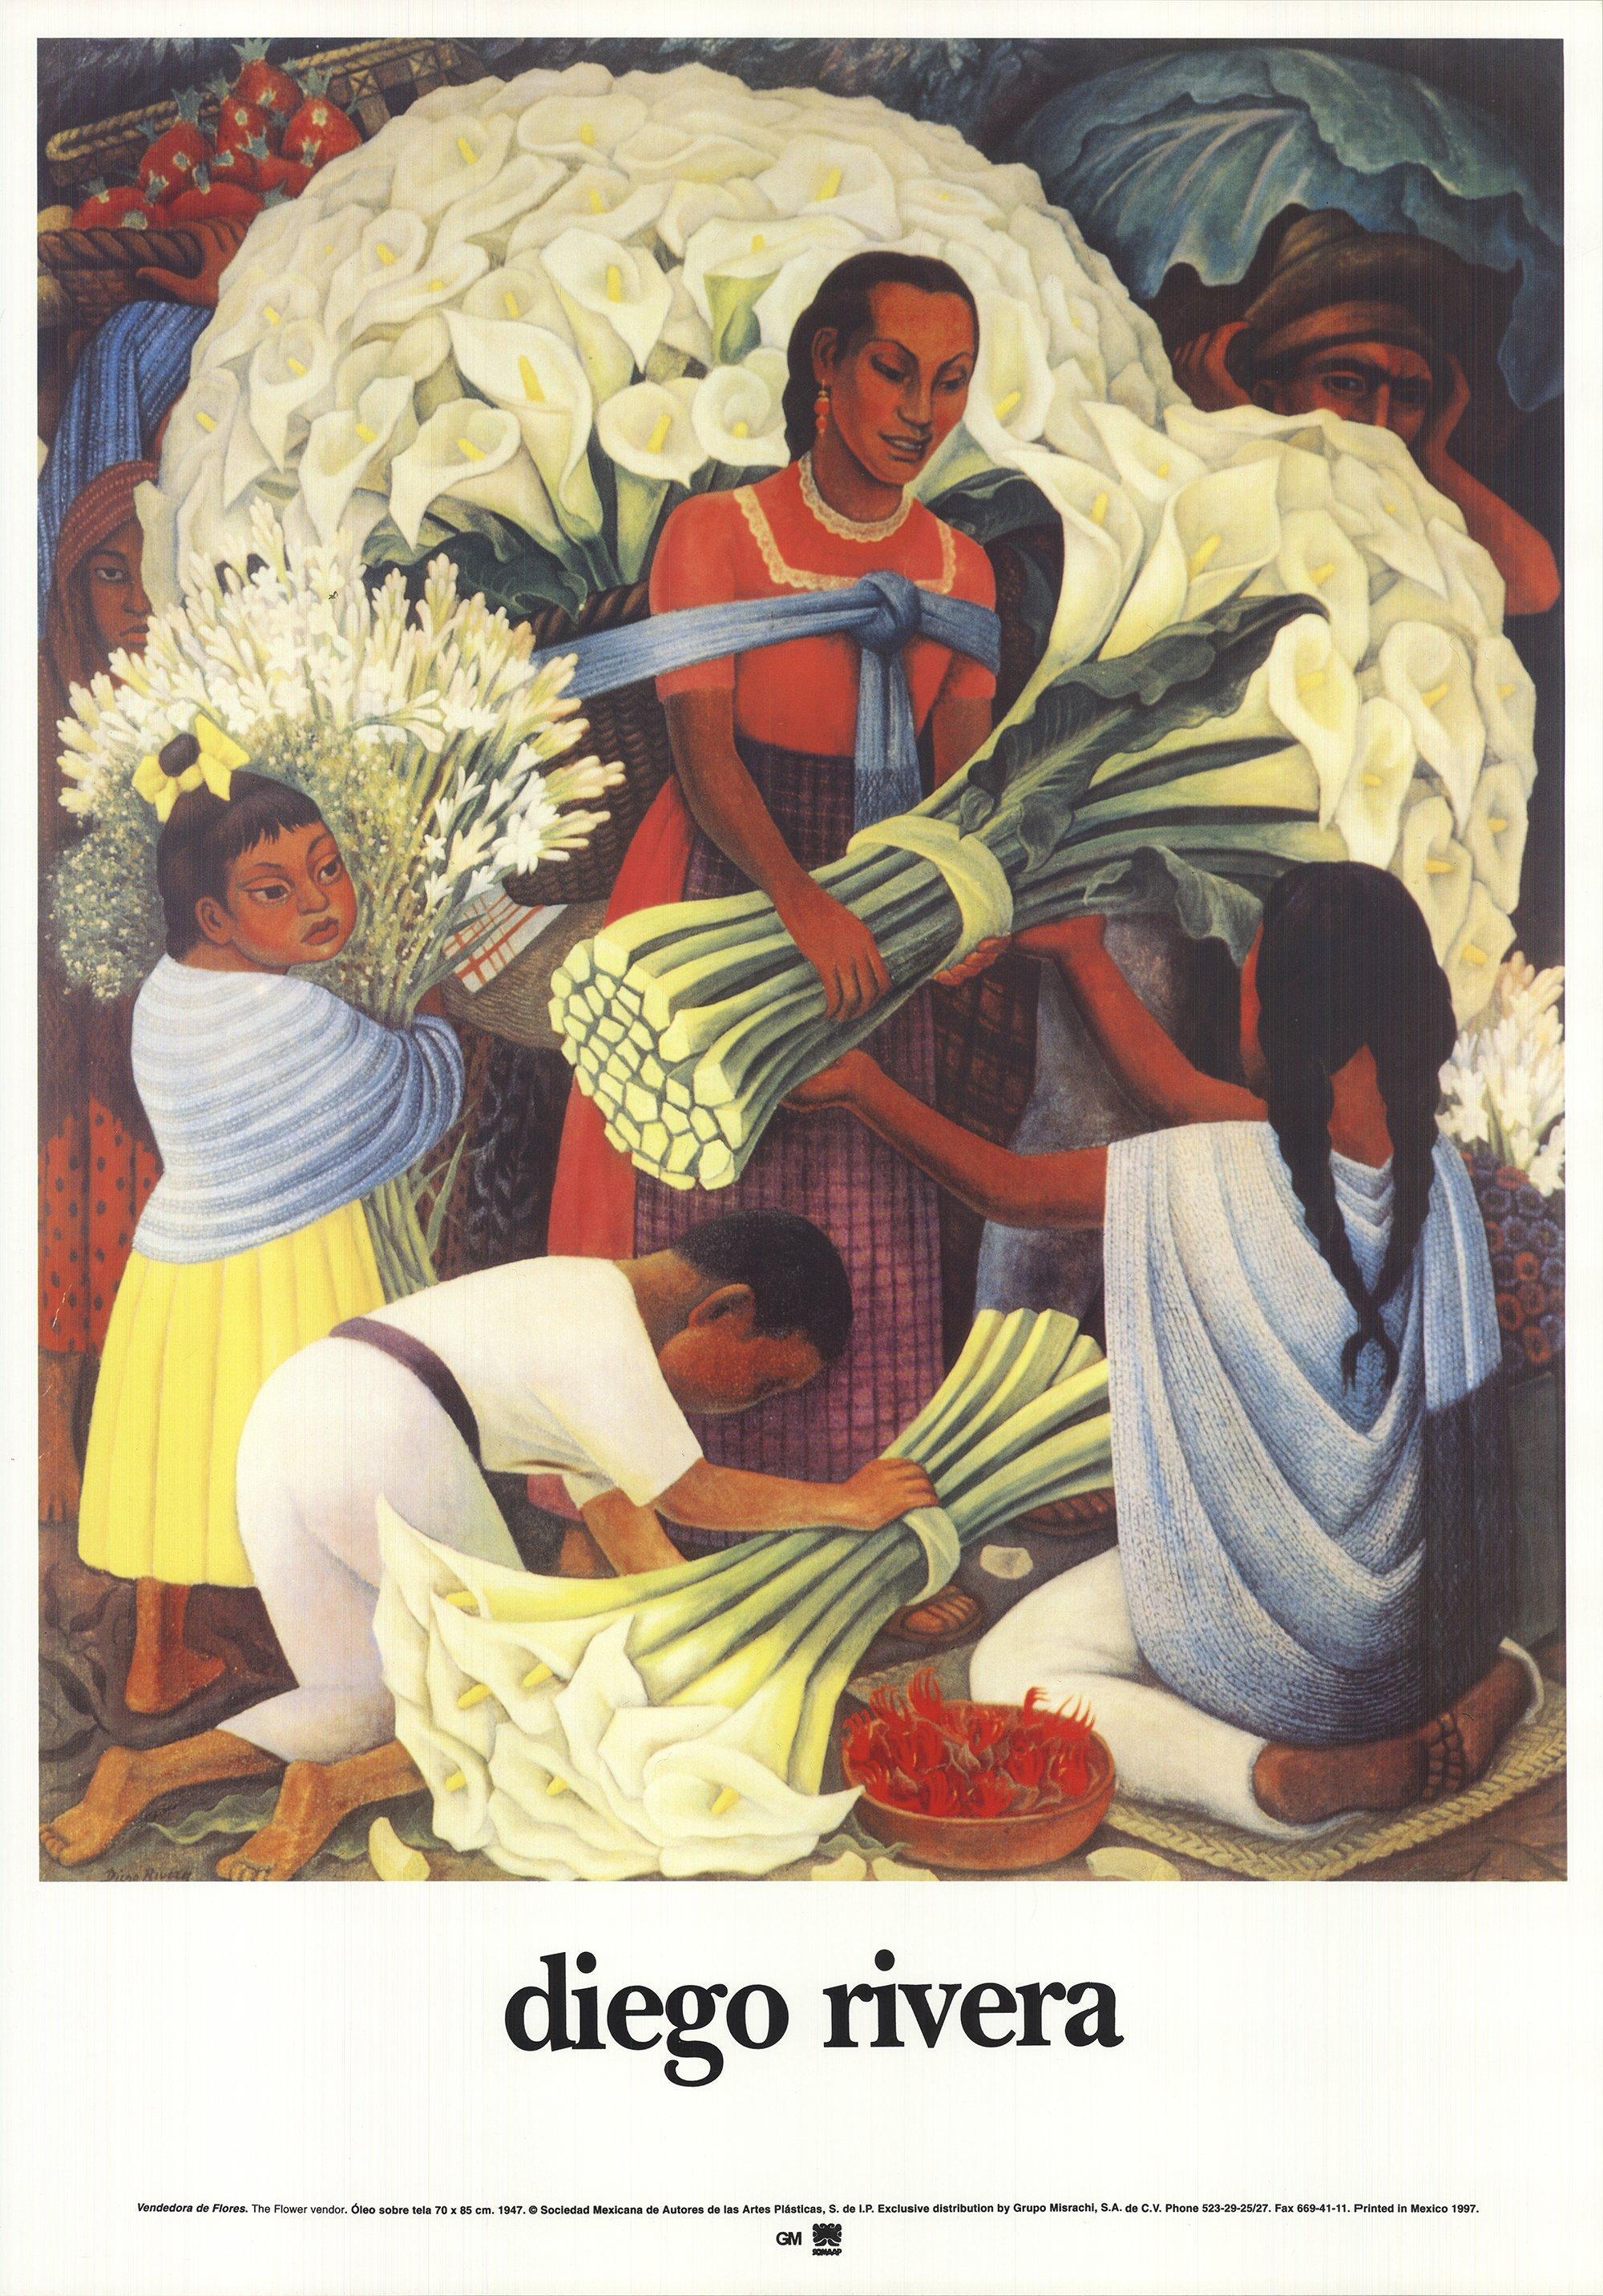 1997 Diego Rivera 'The Flower Vendor' Modernism USA Offset Lithograph